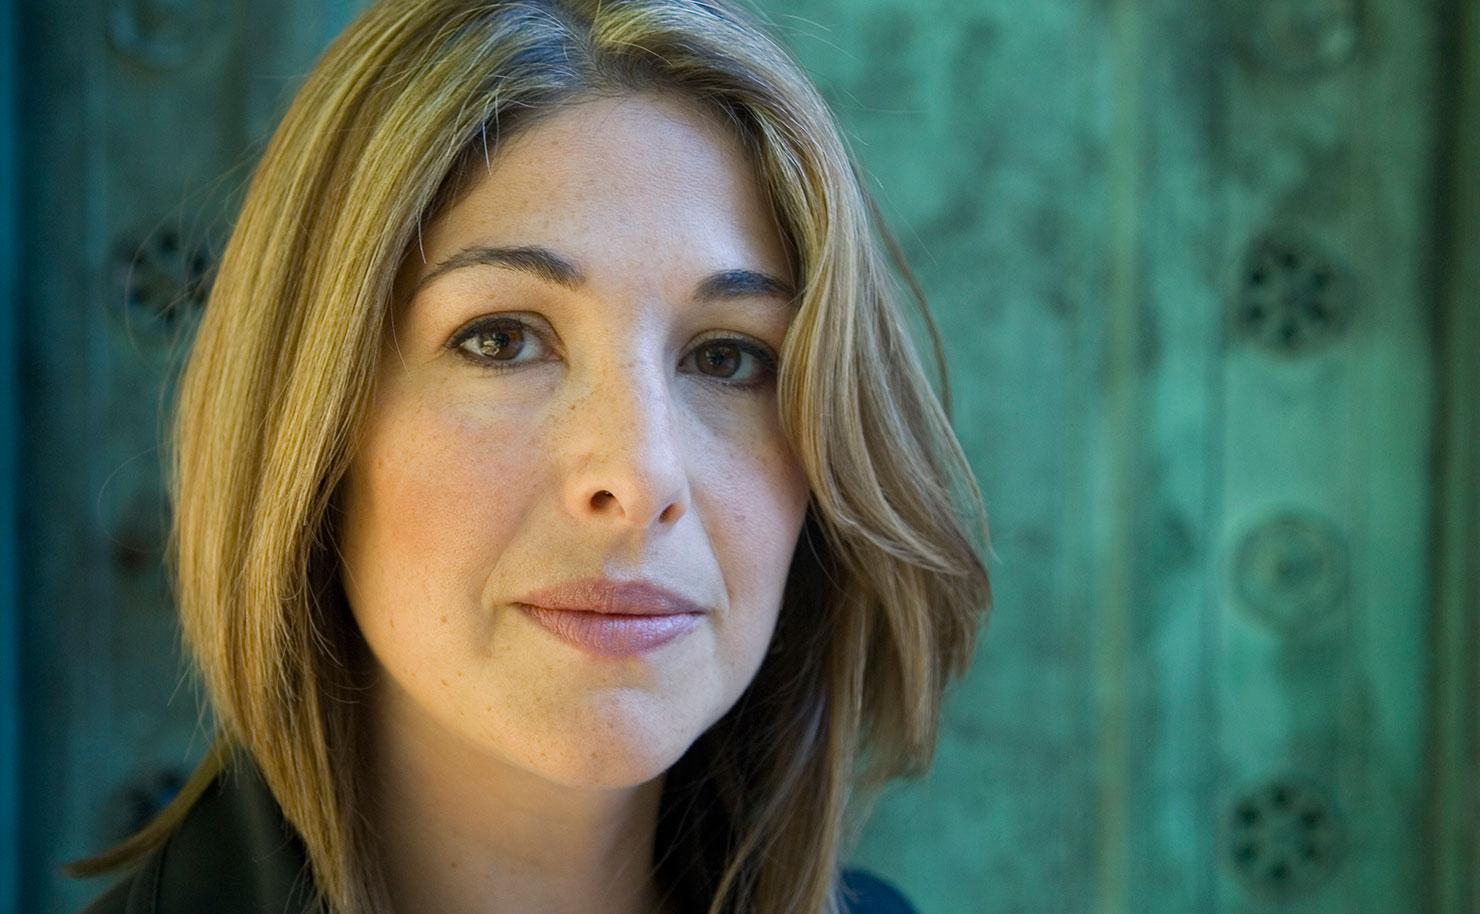 Climate Change activist Naomi Klein. (Image: Sandra Gonzalez, Flickr)